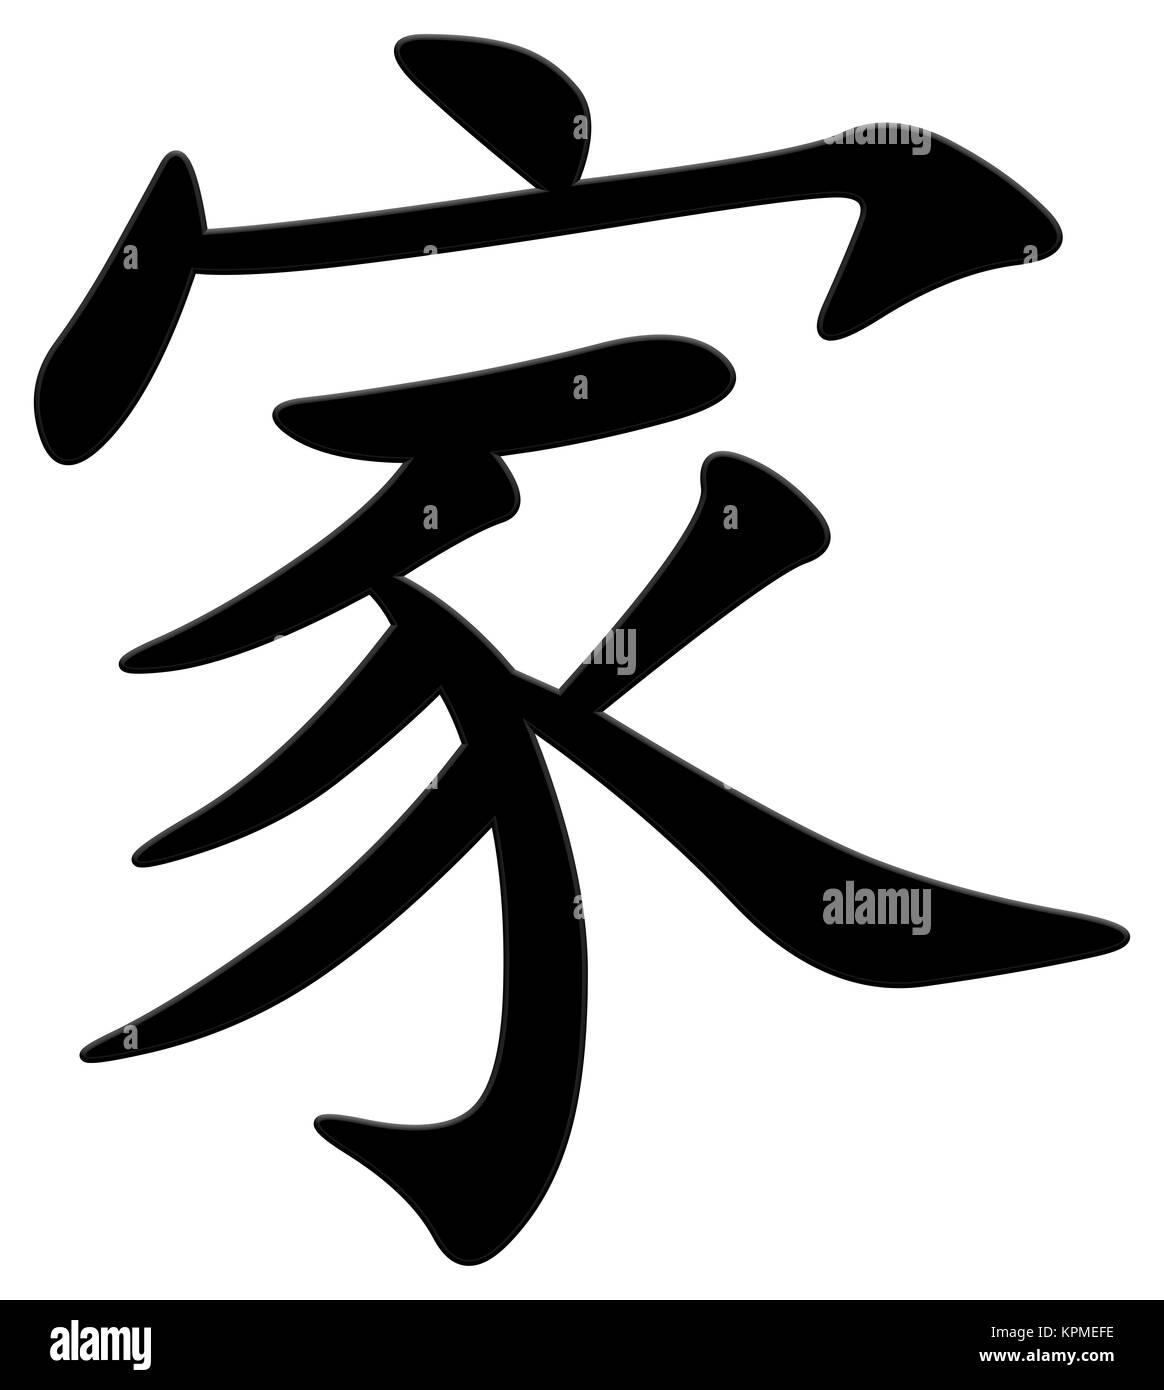 chinesische zeichen f r familie stockfoto bild 168866194 alamy. Black Bedroom Furniture Sets. Home Design Ideas